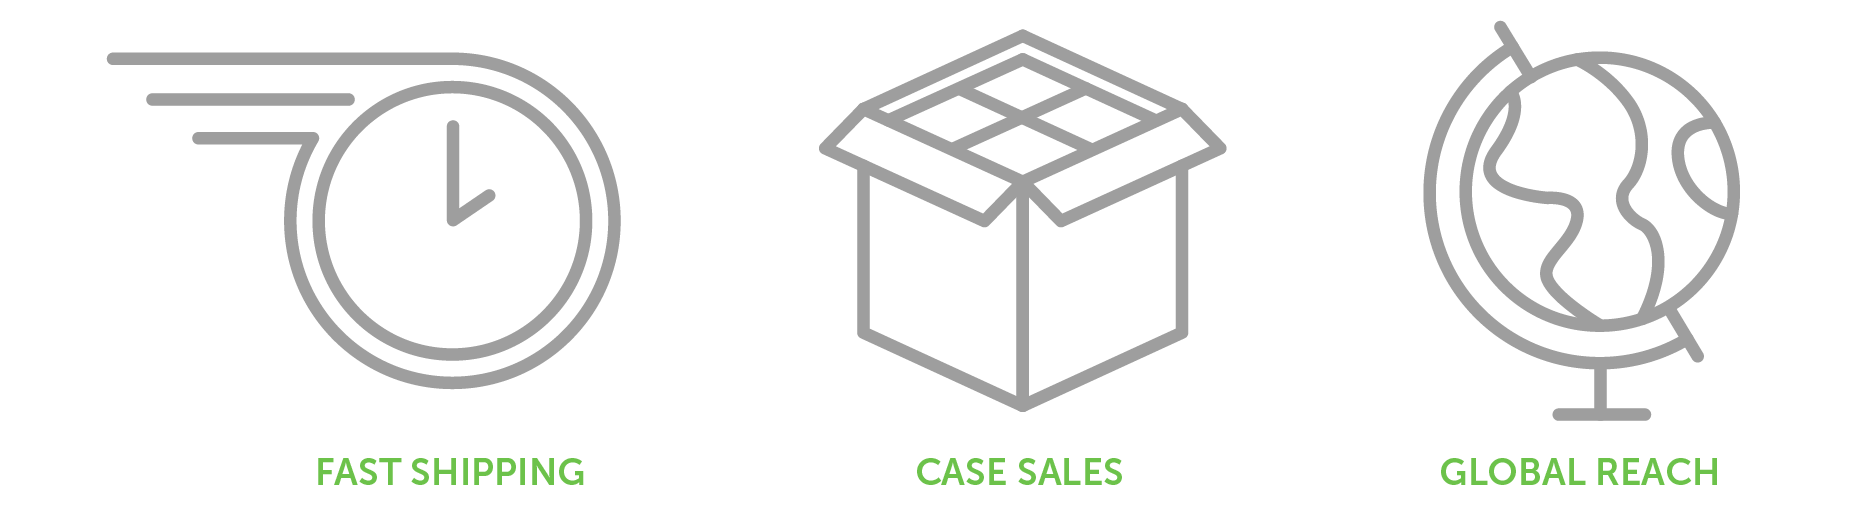 sales advantages icons